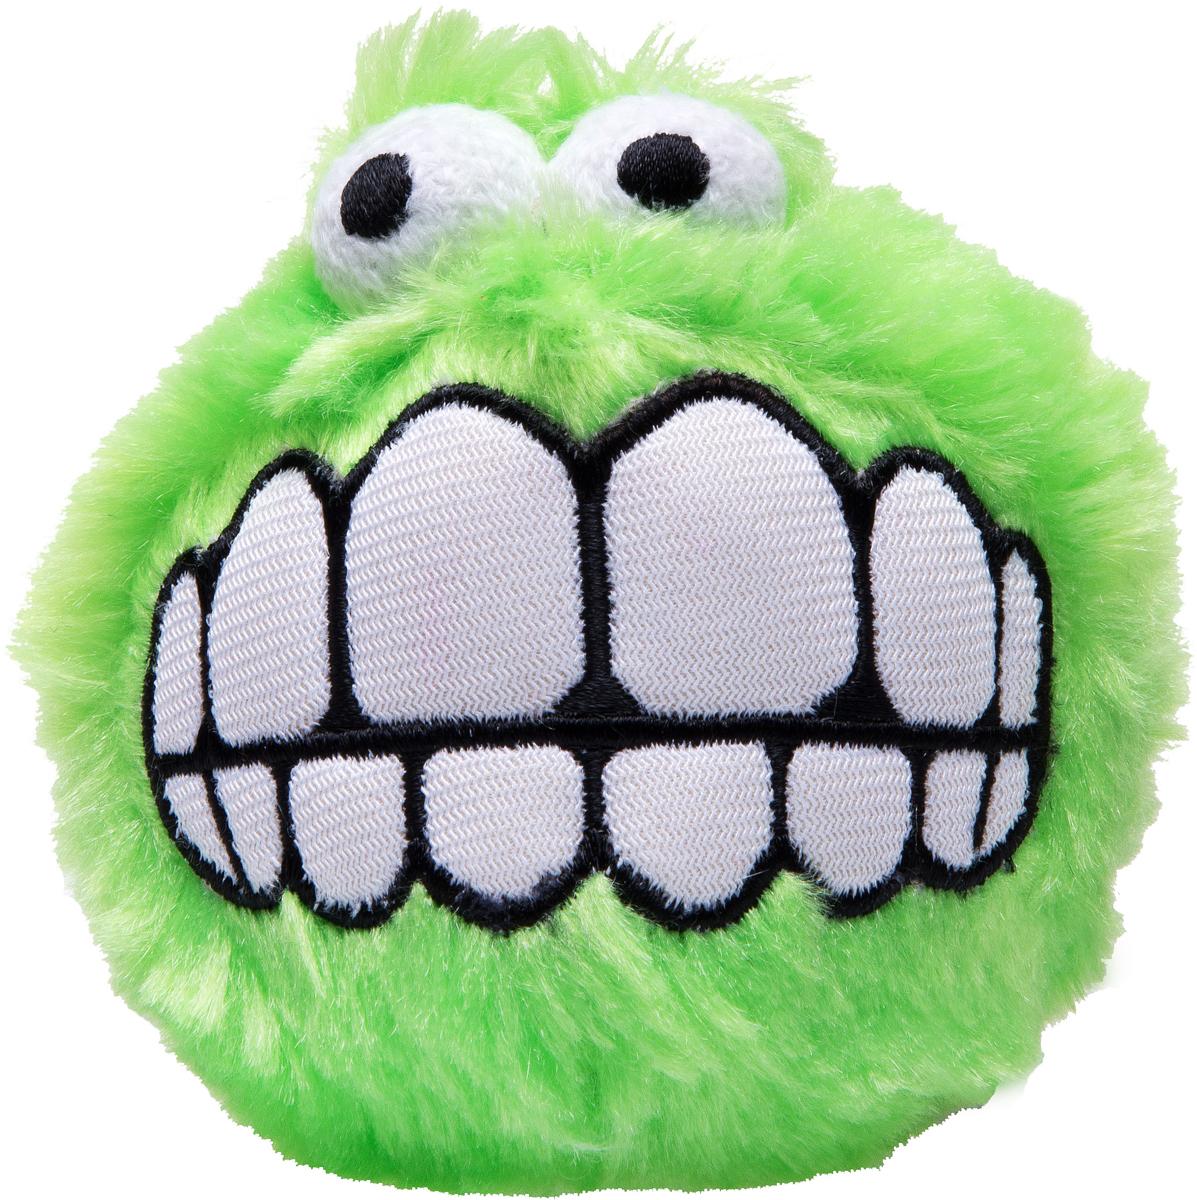 Игрушка для собак Rogz Fluffy Grinz. Зубы, цвет: лайм, диаметр 6,4 см0120710Игрушка для собак Rogz Fluffy Grinz. Зубы - особо мягкий, плюшевый мяч. Для животных, которые любят играть в Поймай-принеси - это просто мечта.Небольшой вес изделия.Не травмирует зубы и десны.Удобен для переноски животных.Внутри игрушки пищалка, что поддерживает интерес животного к игре.